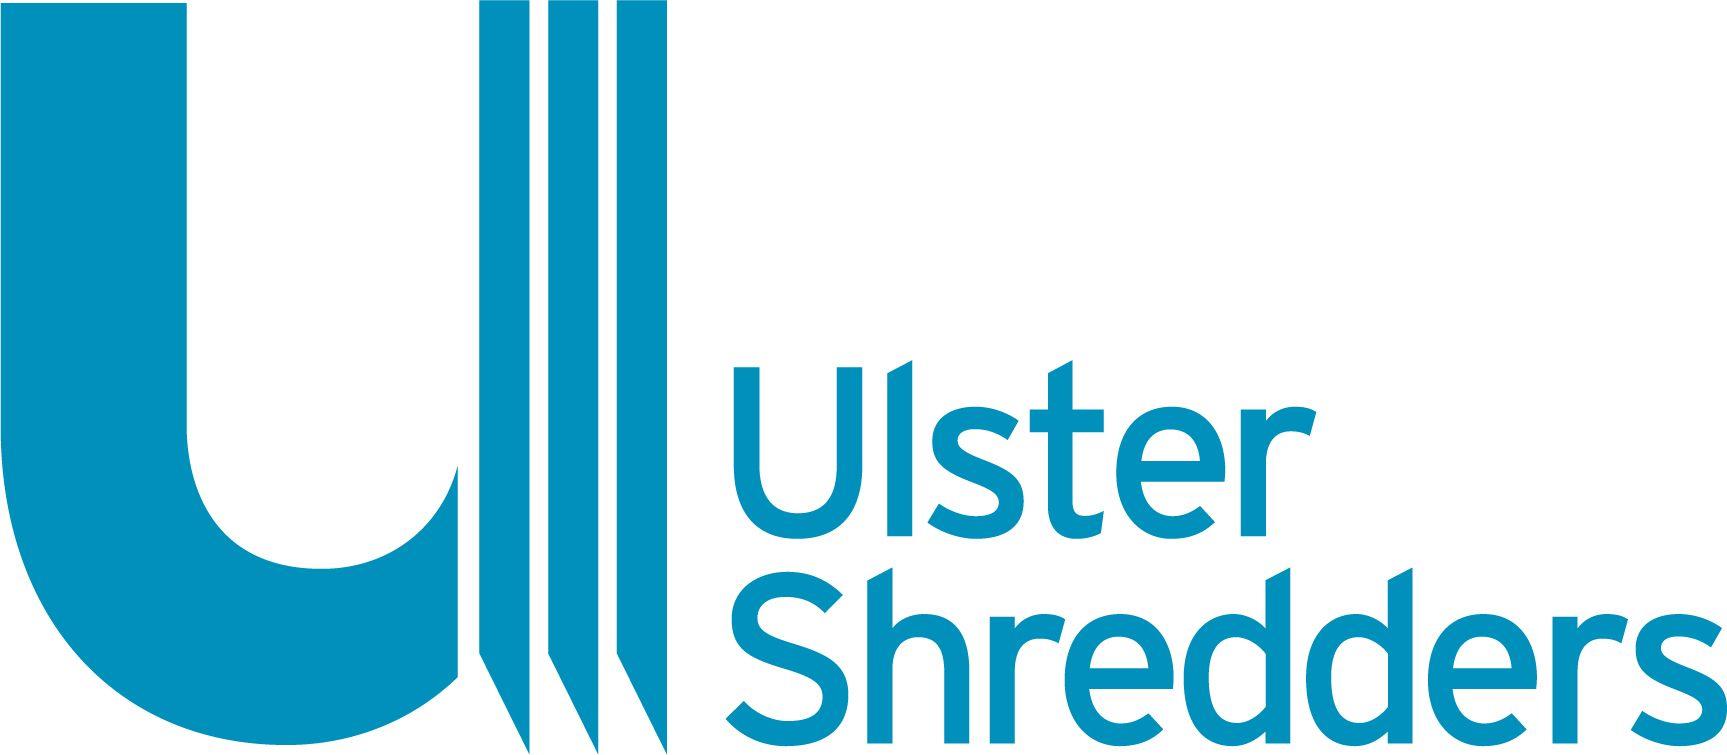 Ulster Shredders Ltd